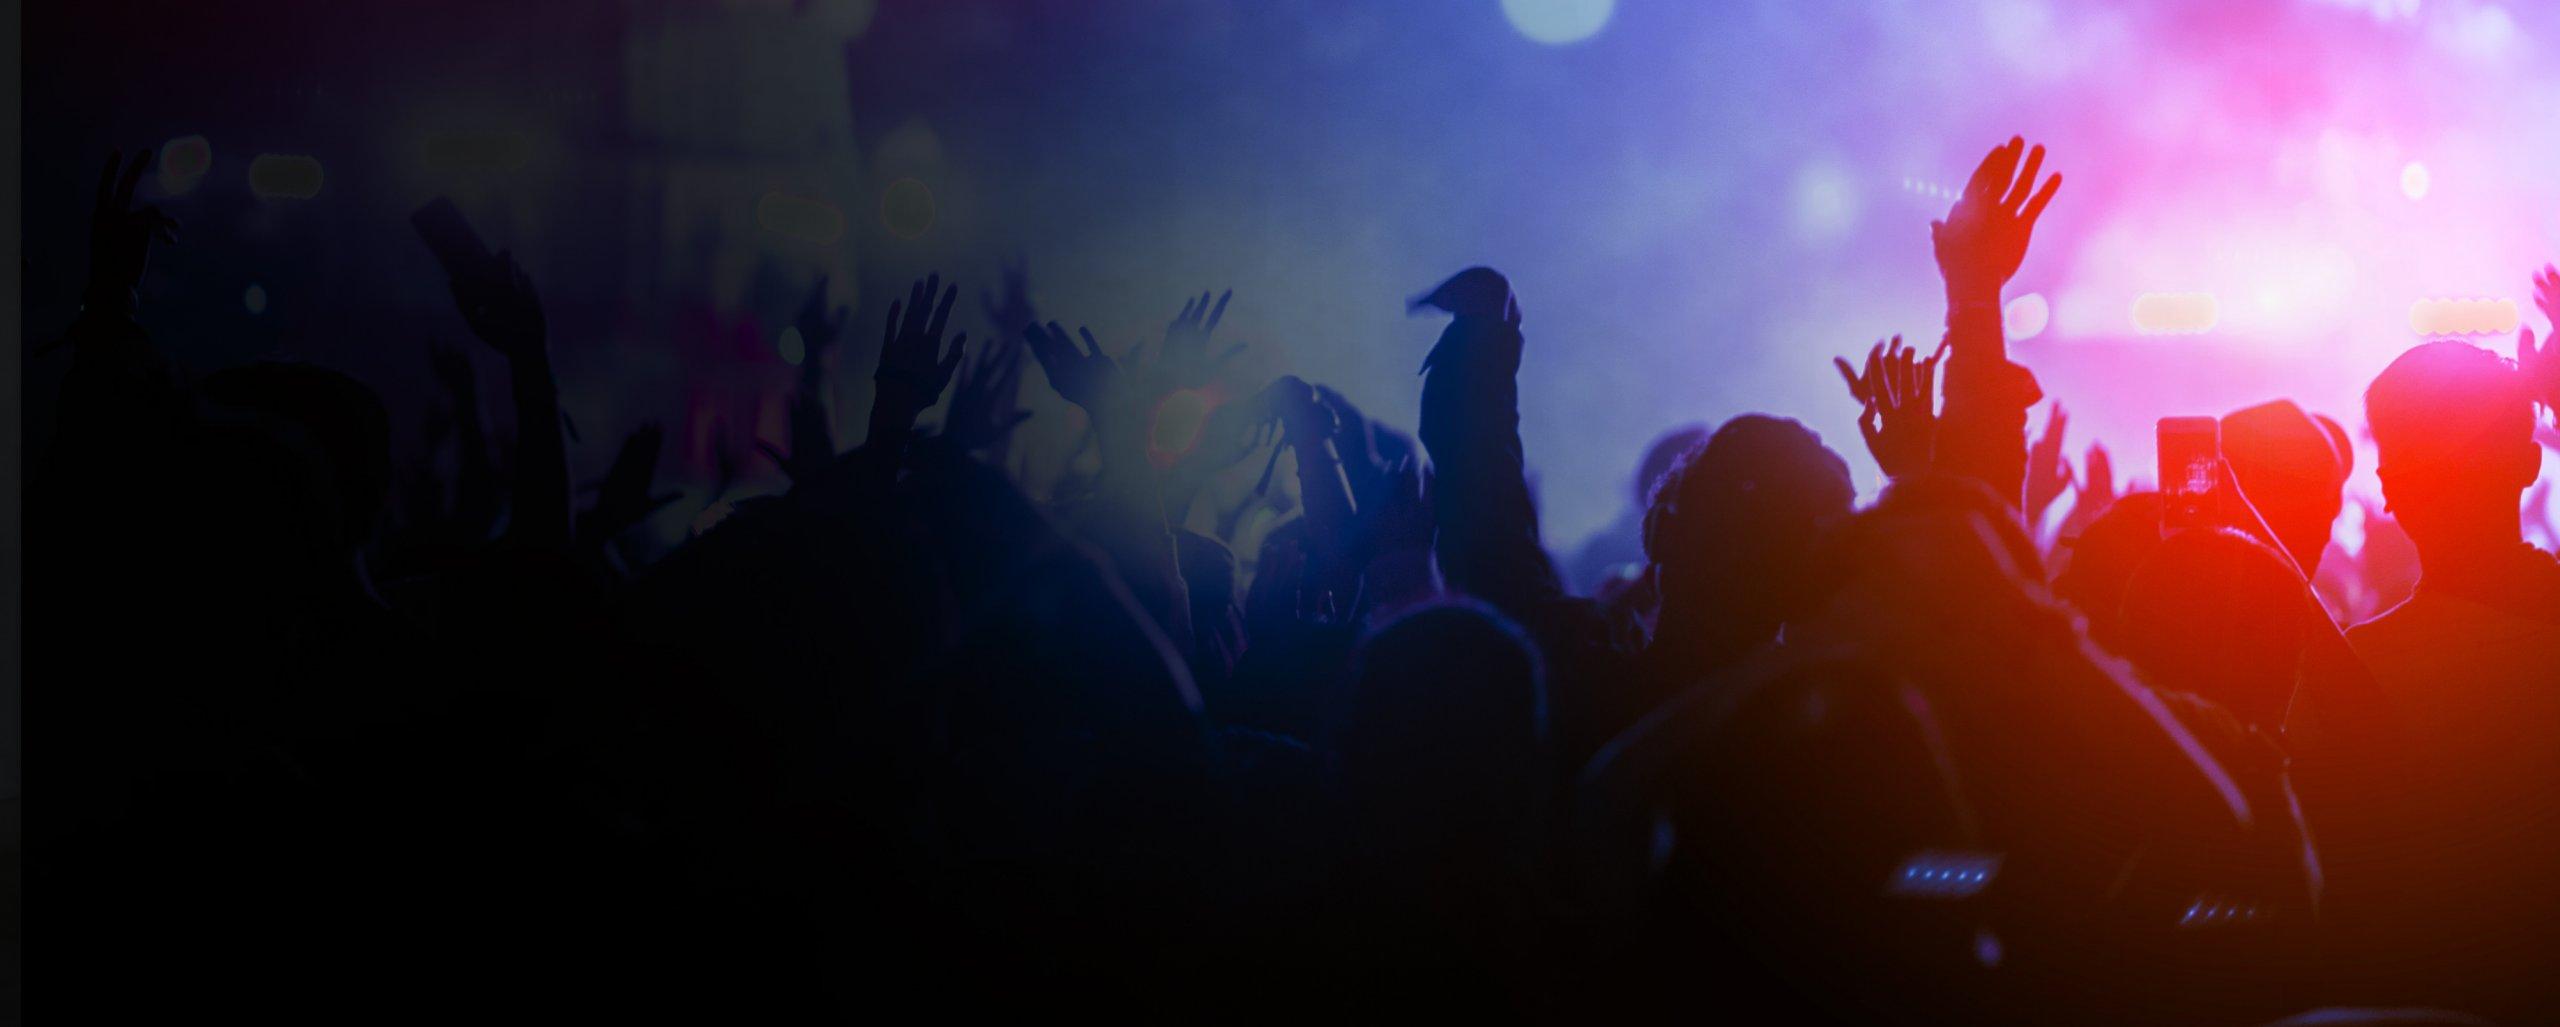 Entertainment Concert